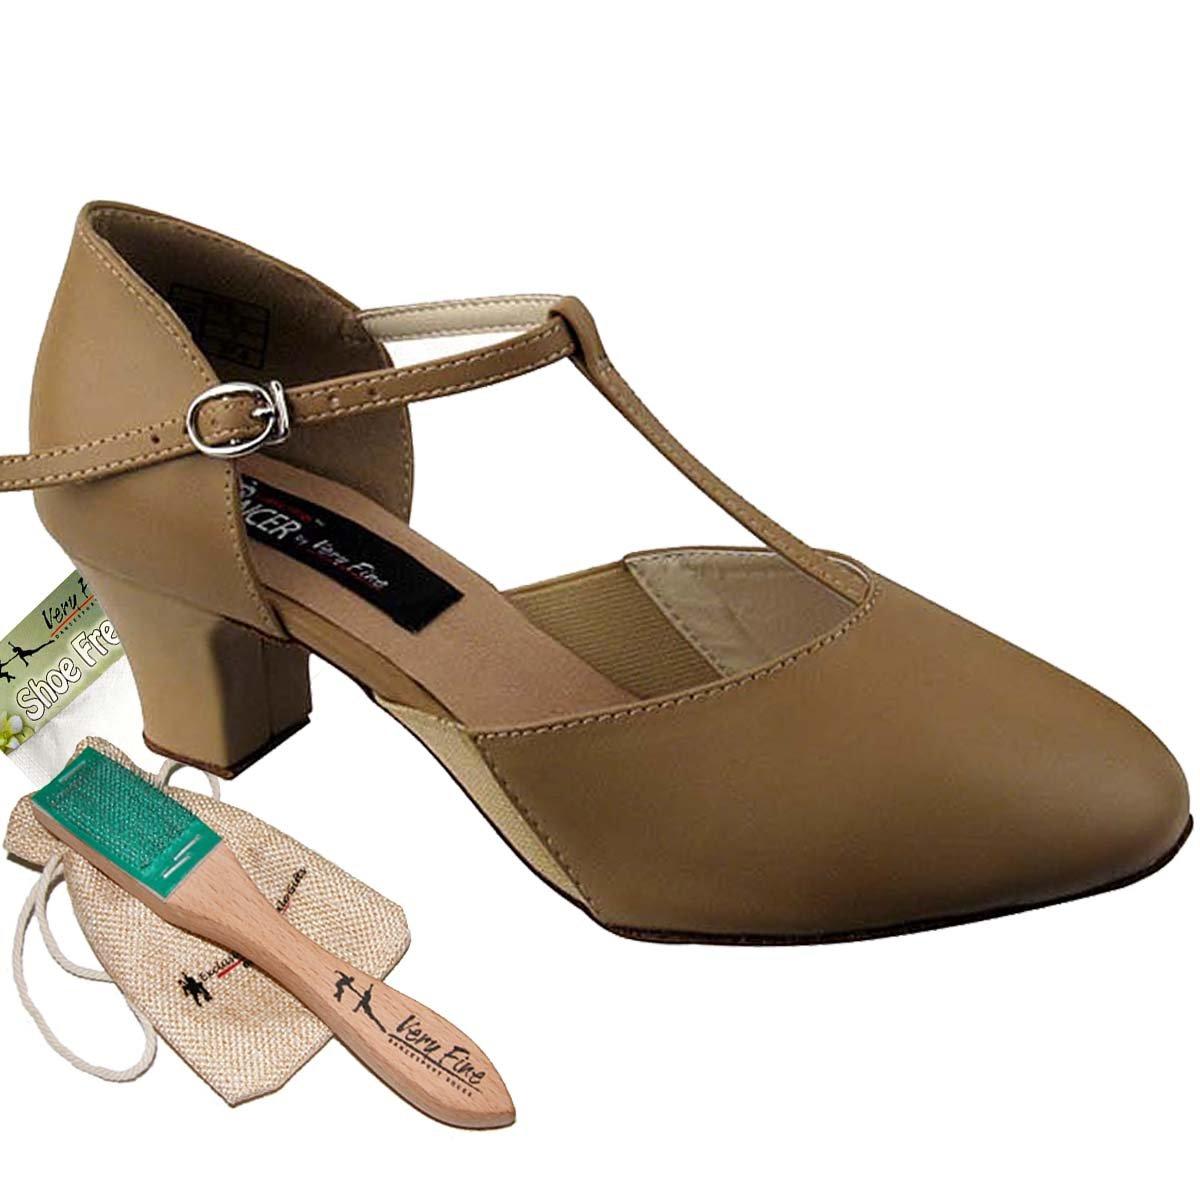 【驚きの価格が実現!】 [Very Fine Fine Dance Shoes] レディース B075F91QBY US 5 (B,M) (B,M) US ベージュレザー ベージュレザー 5 (B,M) US, オオシマチョウ:7a3eec09 --- a0267596.xsph.ru